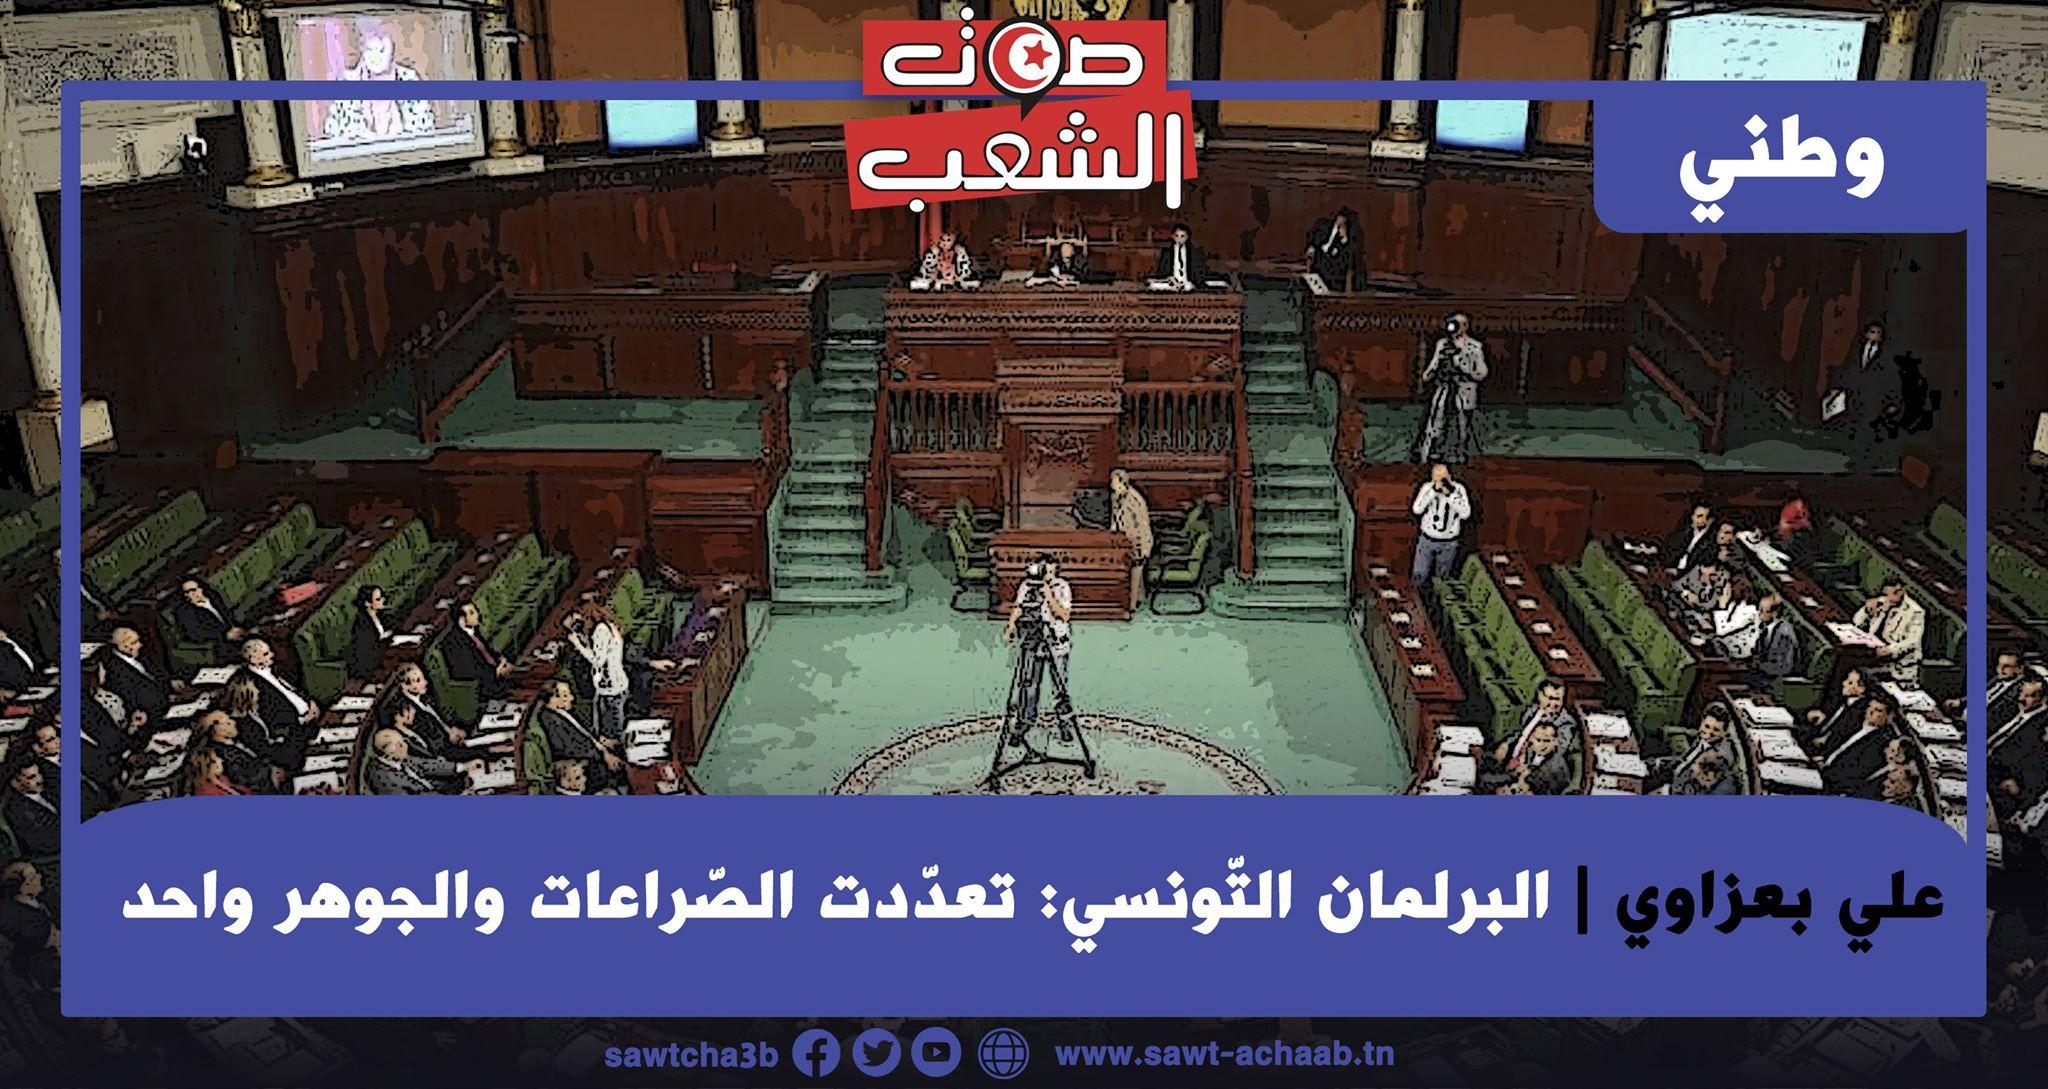 البرلمان التّونسي: تعدّدت الصّراعات والجوهر واحد